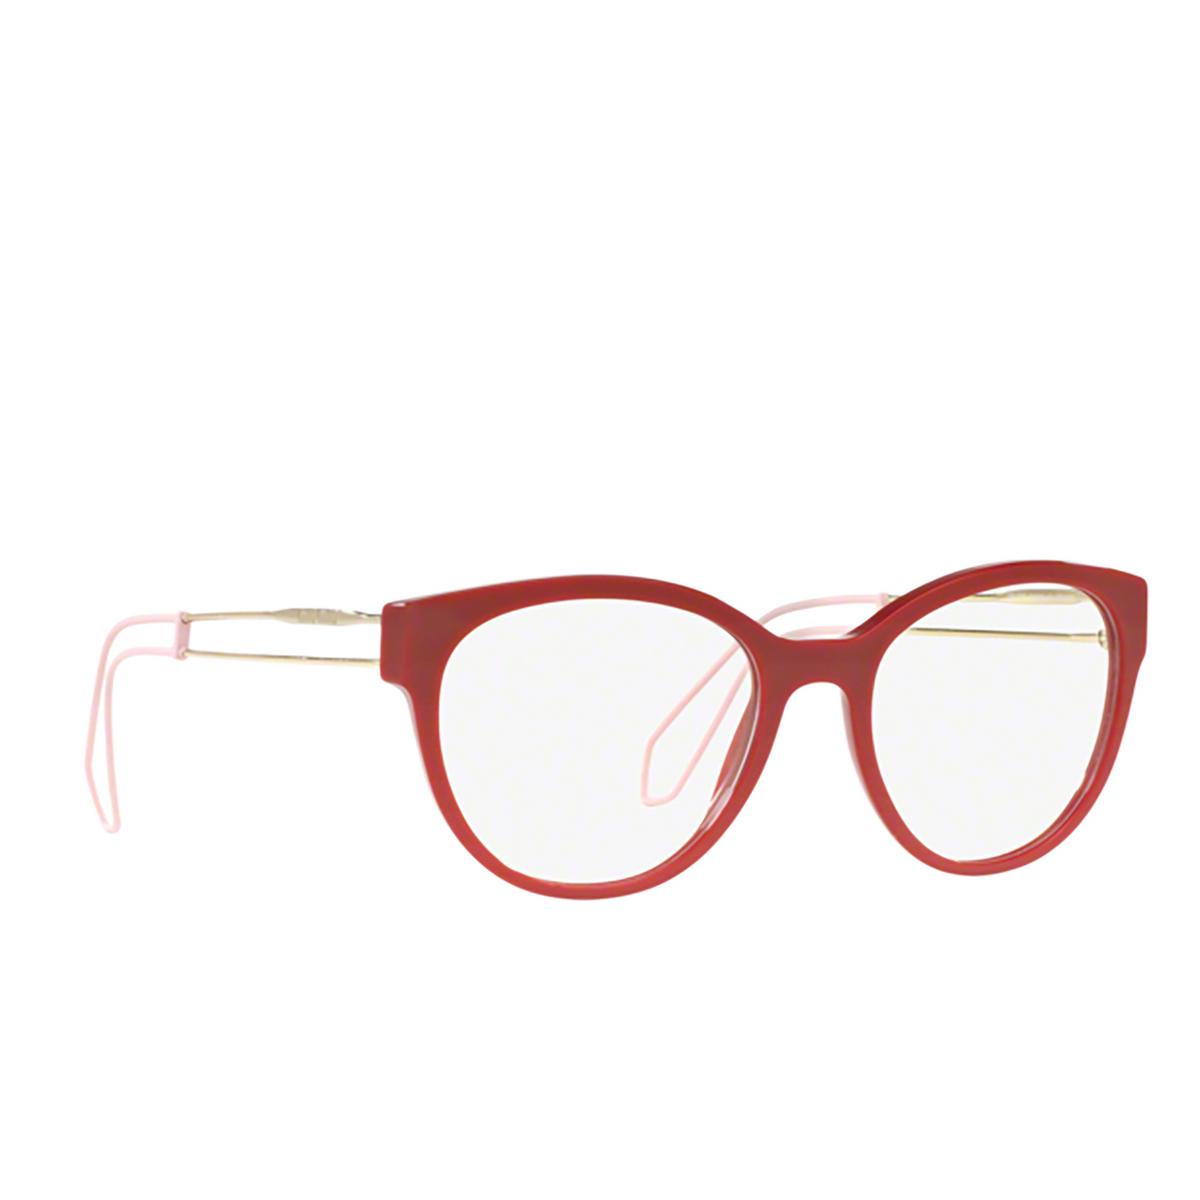 Miu Miu® Butterfly Eyeglasses: MU 03PV color Red USL1O1 - three-quarters view.